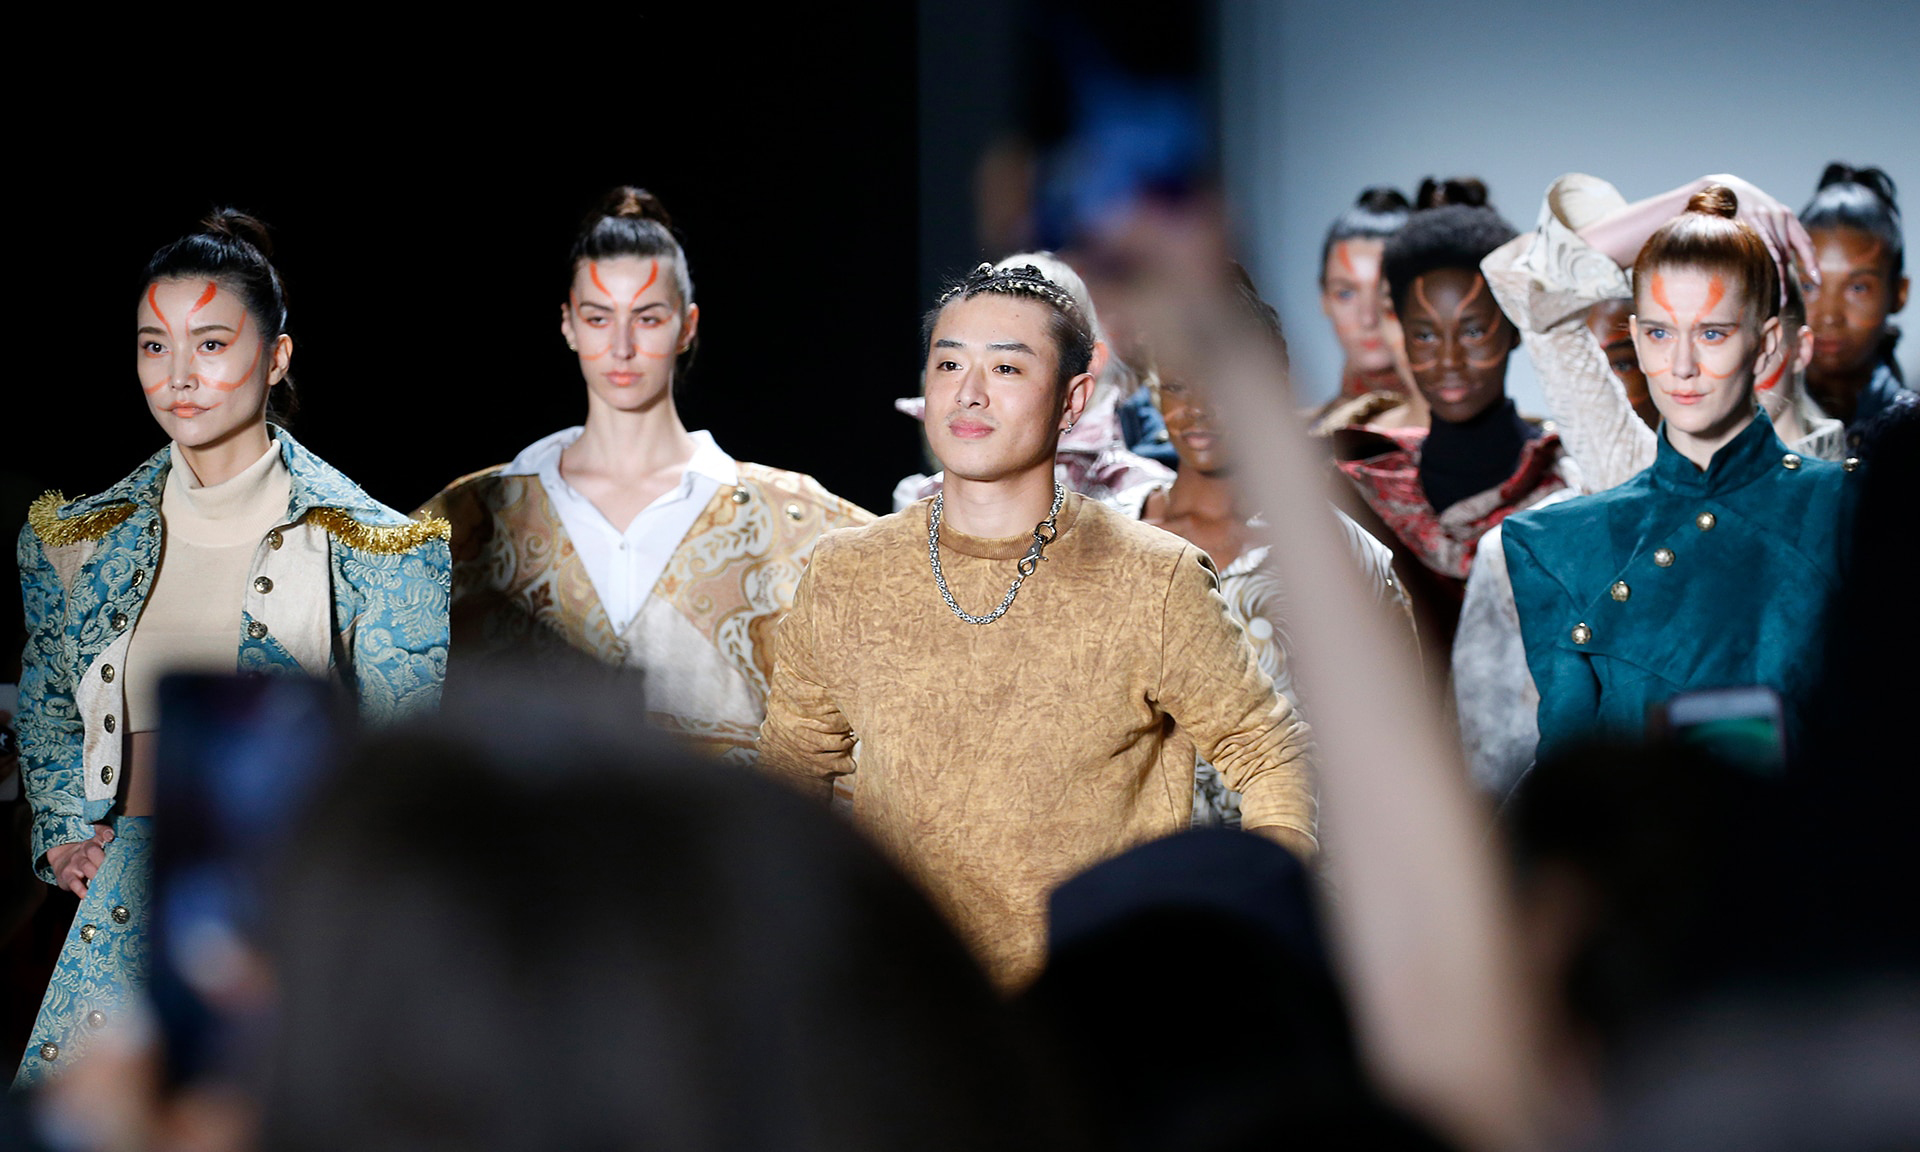 东京时装周因疫情影响宣布取消